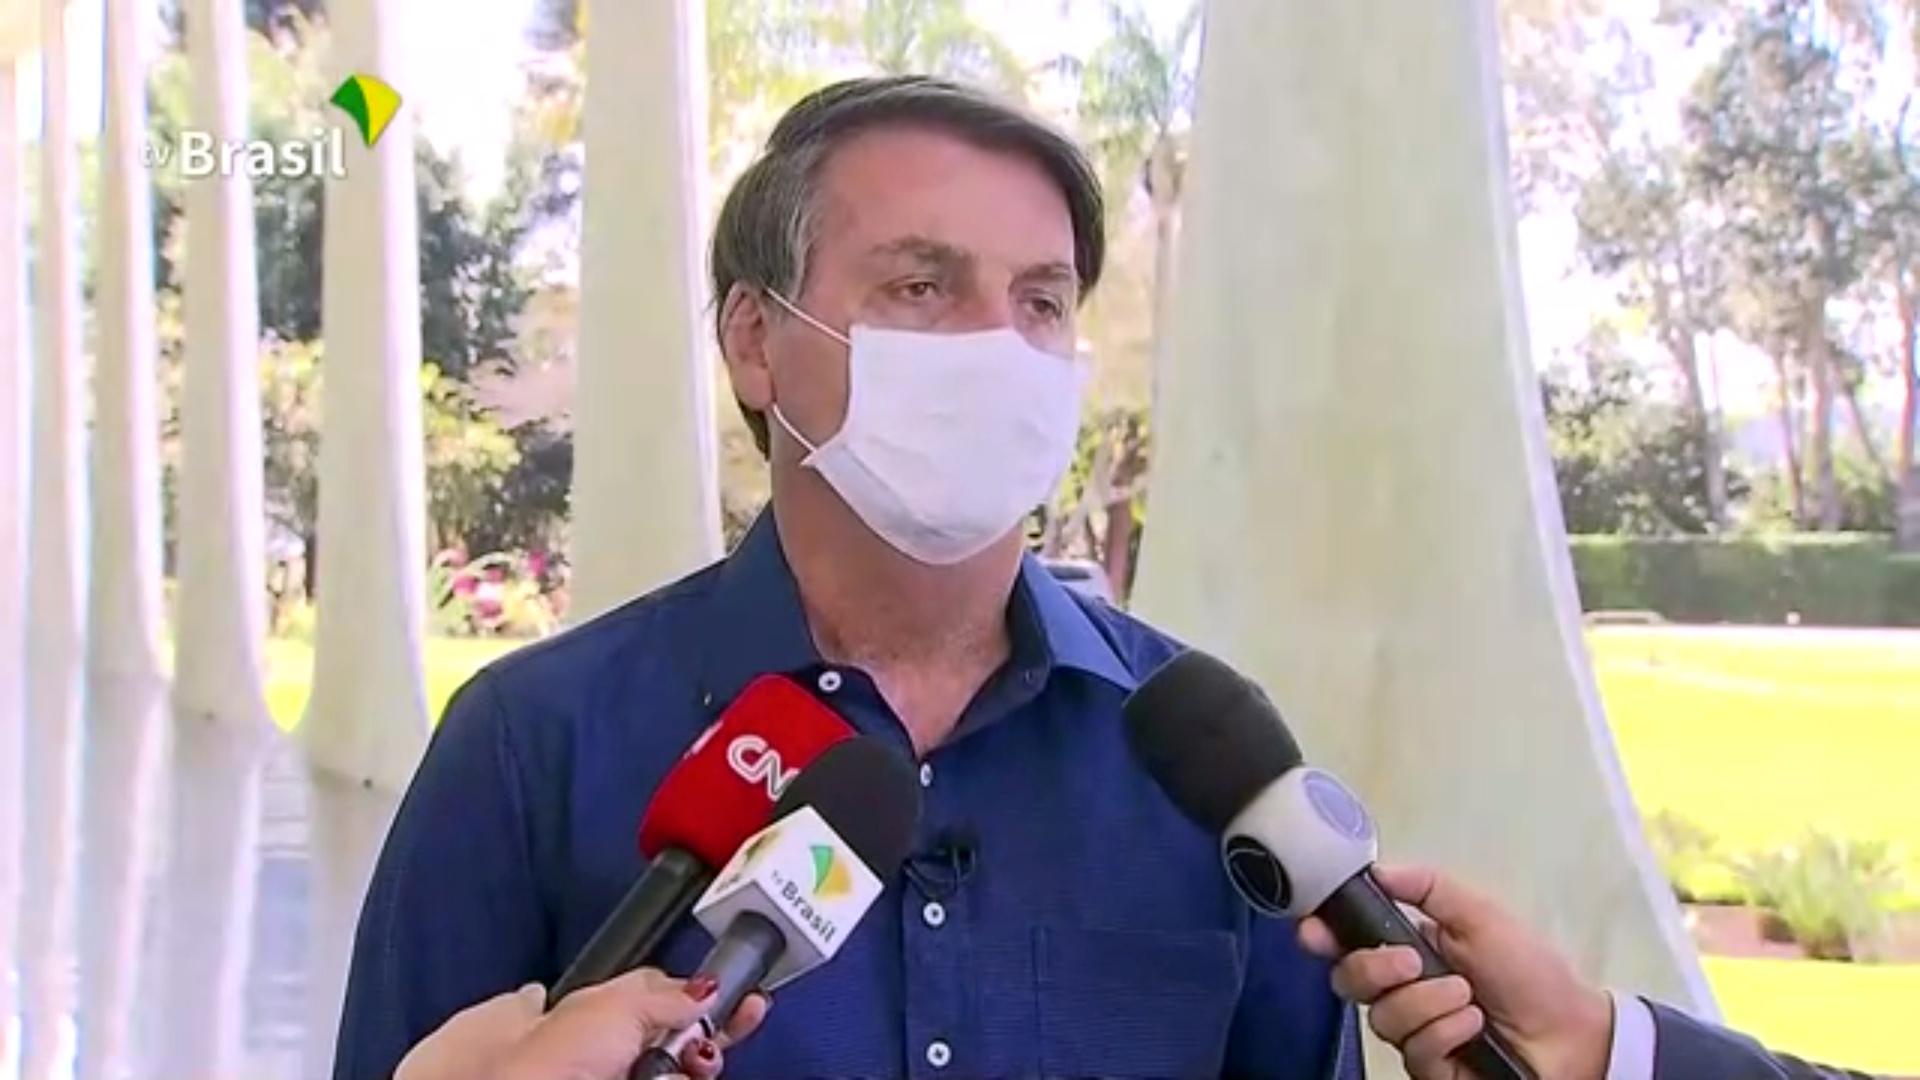 الرئيس البرازيلي يشكو من